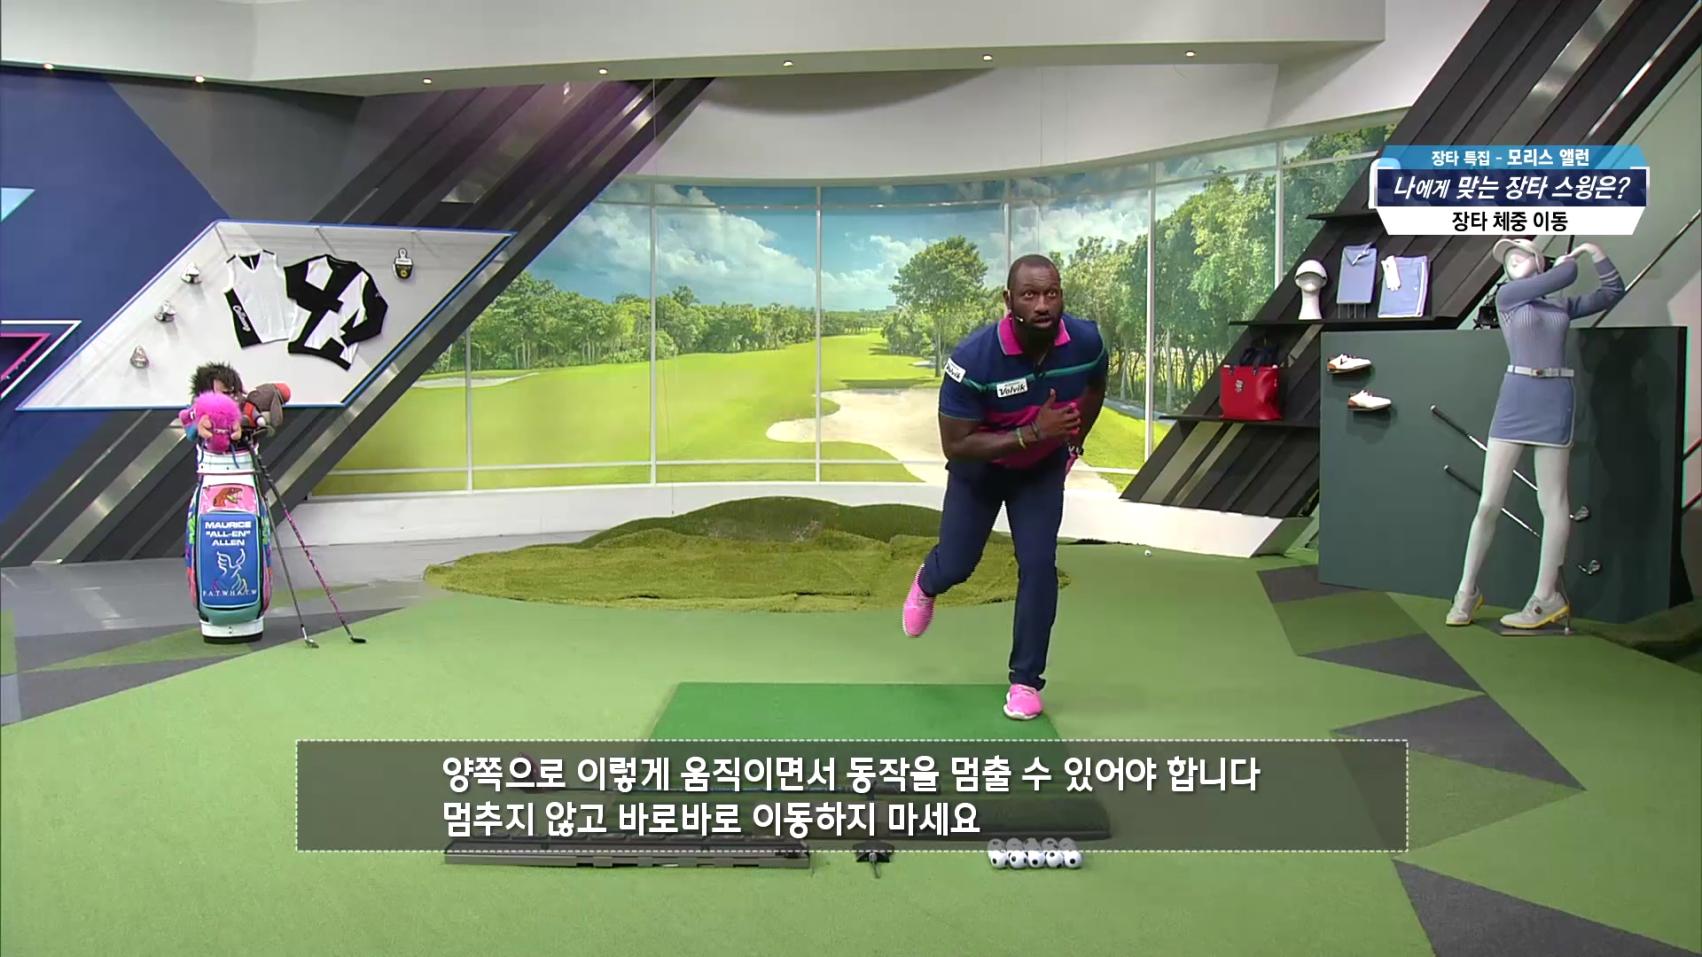 모리스 앨런만의 장타를 치기 위한 체중 이동 방법!